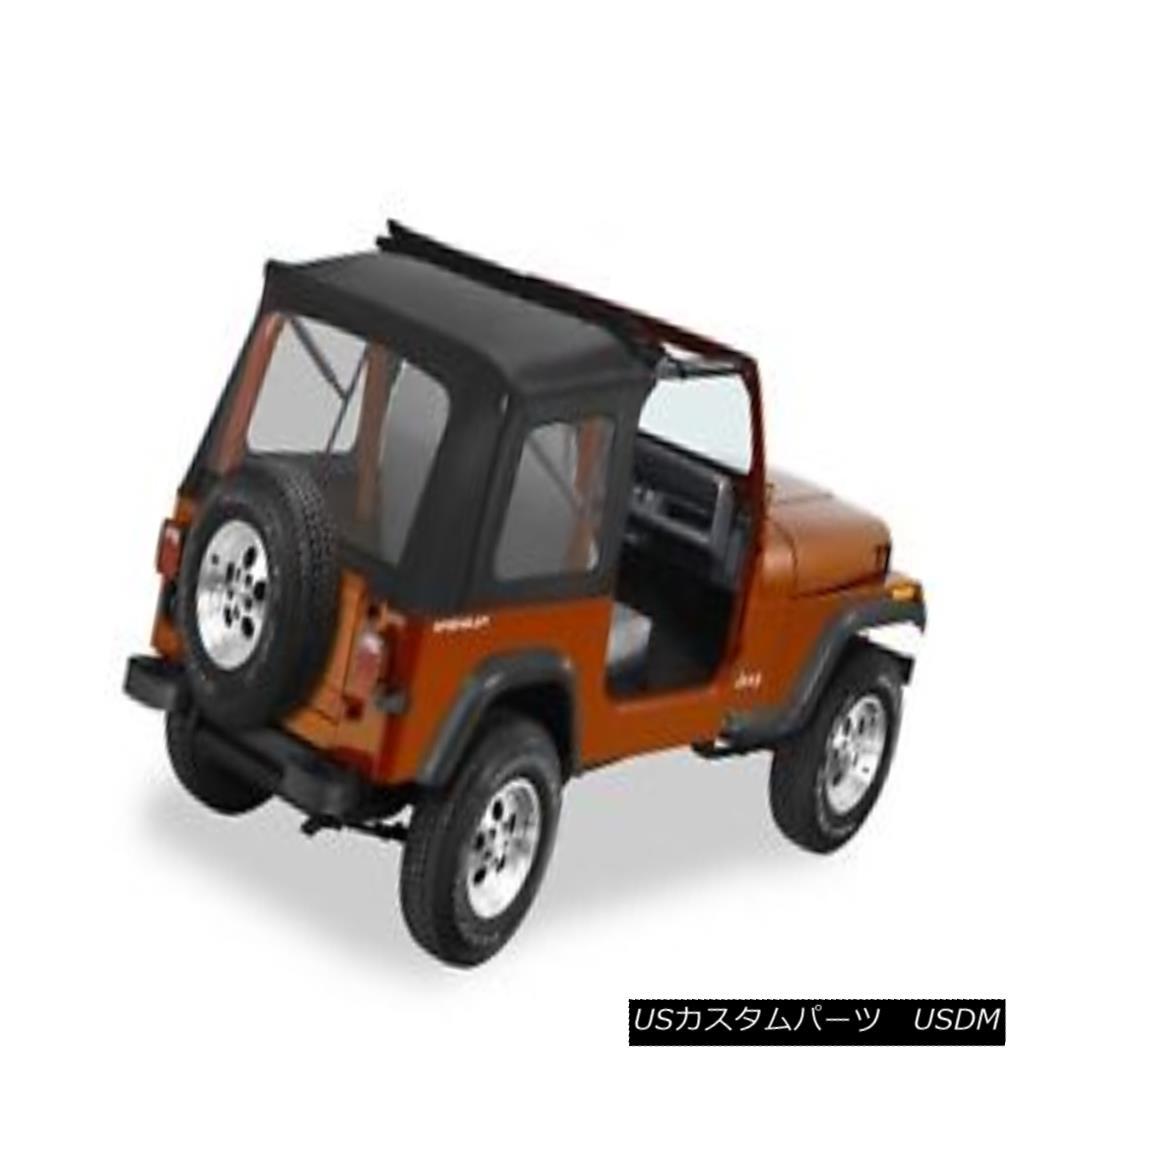 幌・ソフトトップ Bestop 51698-15 Jeep Sunrider Complete Replacement Soft Top Black Denim ベストプライス51698-15 Jeepサンライダー、交換用ソフトトップブラックデニム